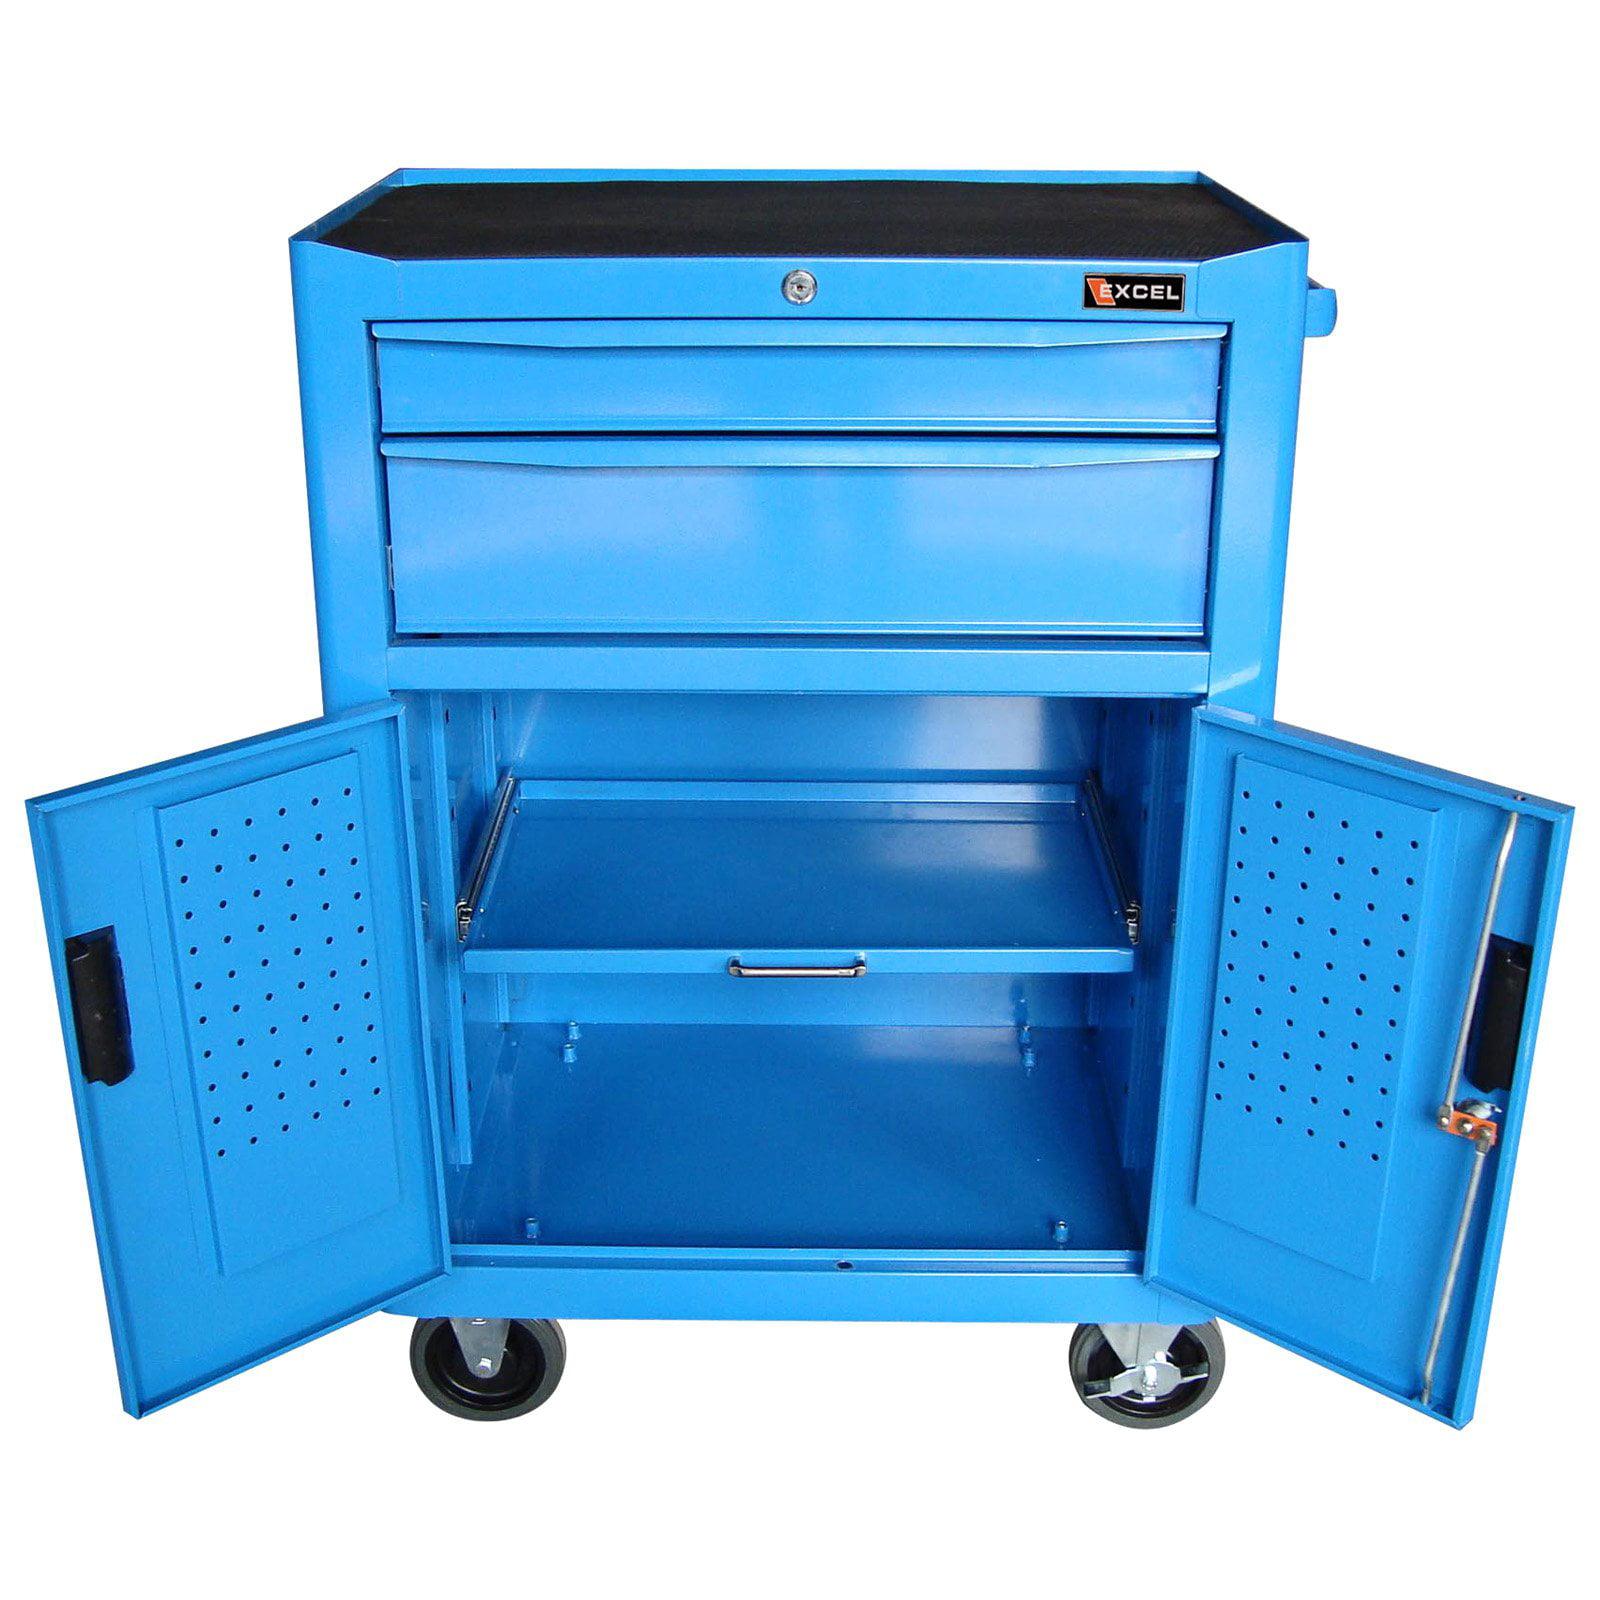 Excel 2 Drawer Roller Tool Cabinet - Walmart.com